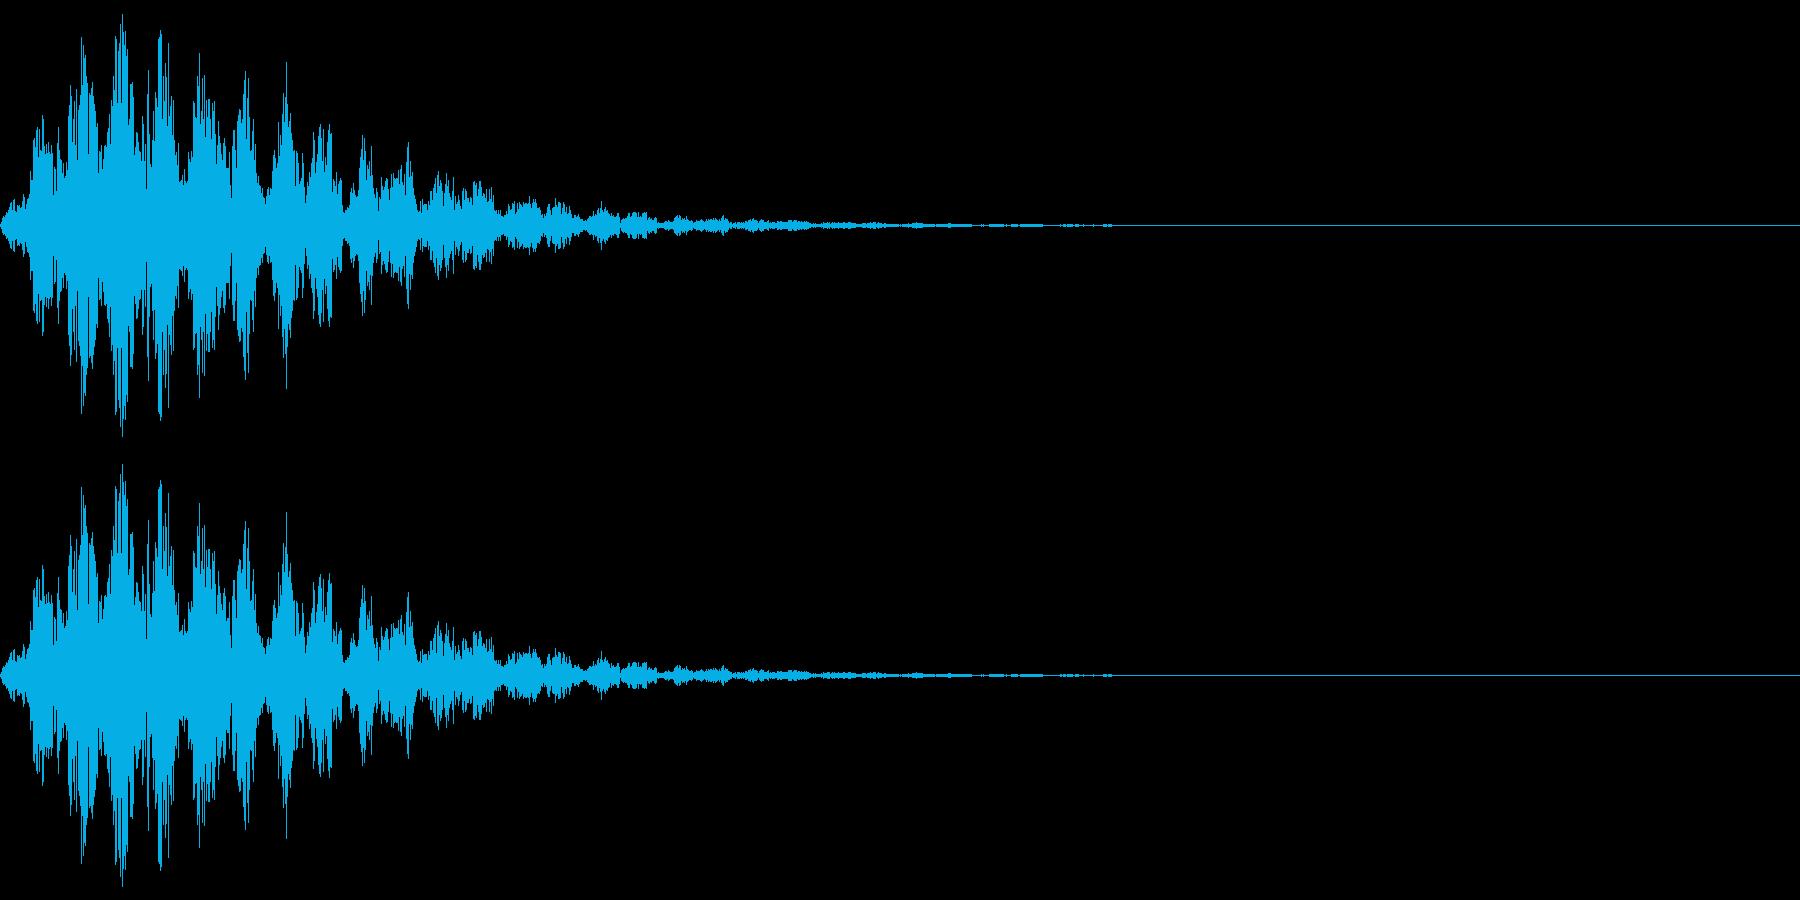 アニメにありそうな回転音(チュルルル)の再生済みの波形